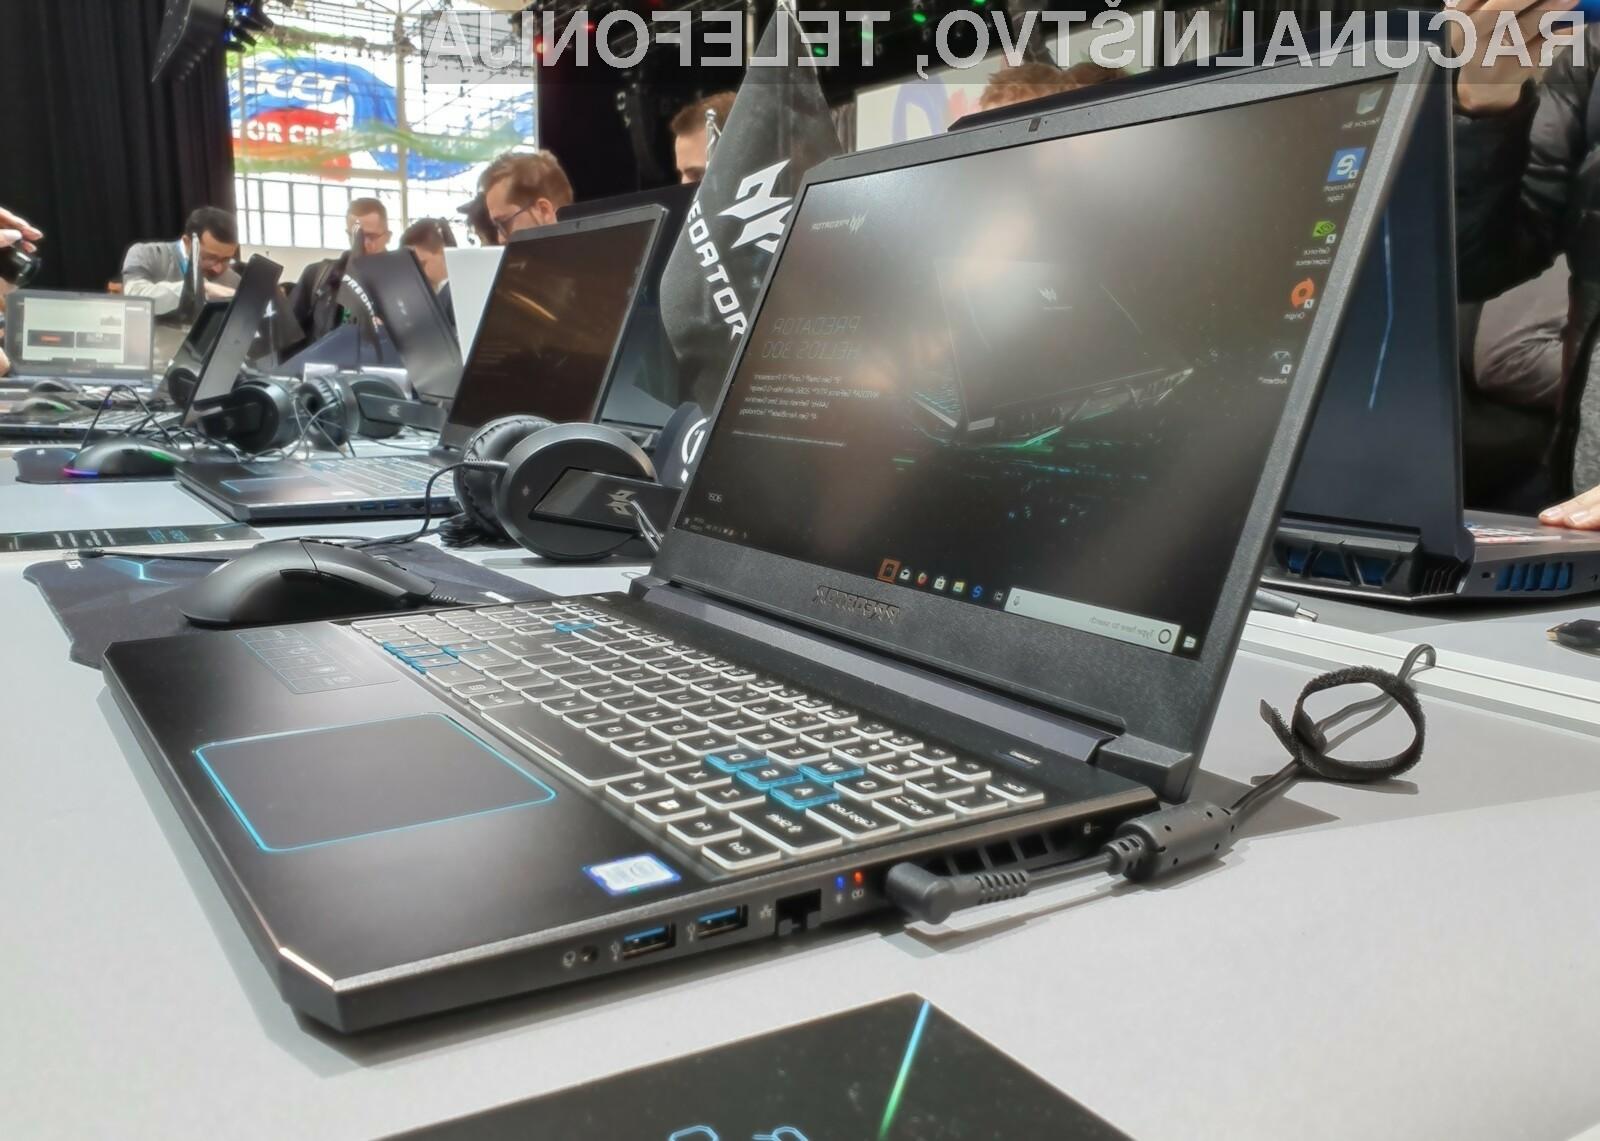 Novi prenosnik za ljubitelje iger Acer Predator Helios 700 je resnično nekaj posebnega.